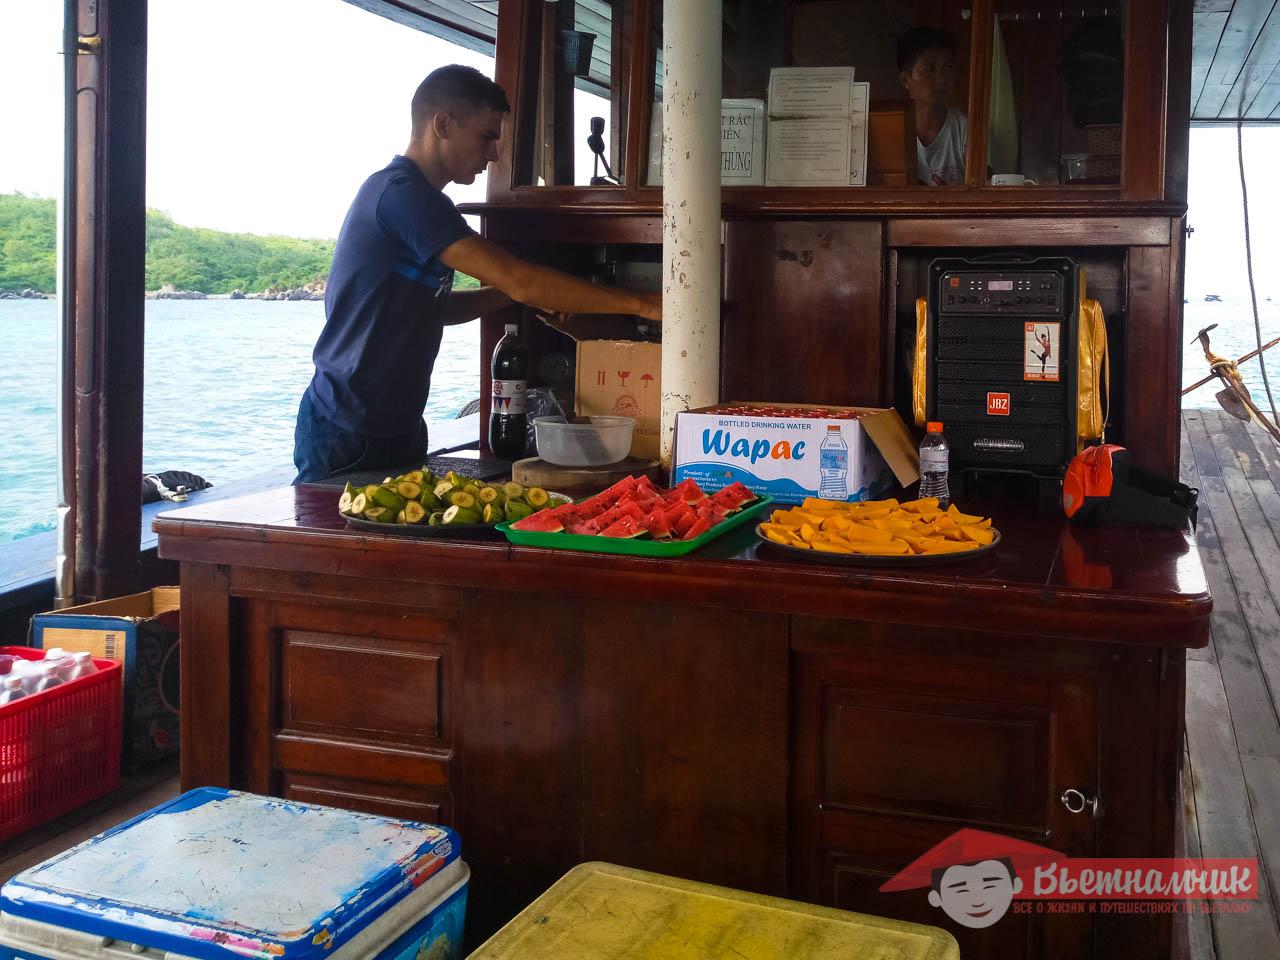 Гид нарезает фрукты для туристов